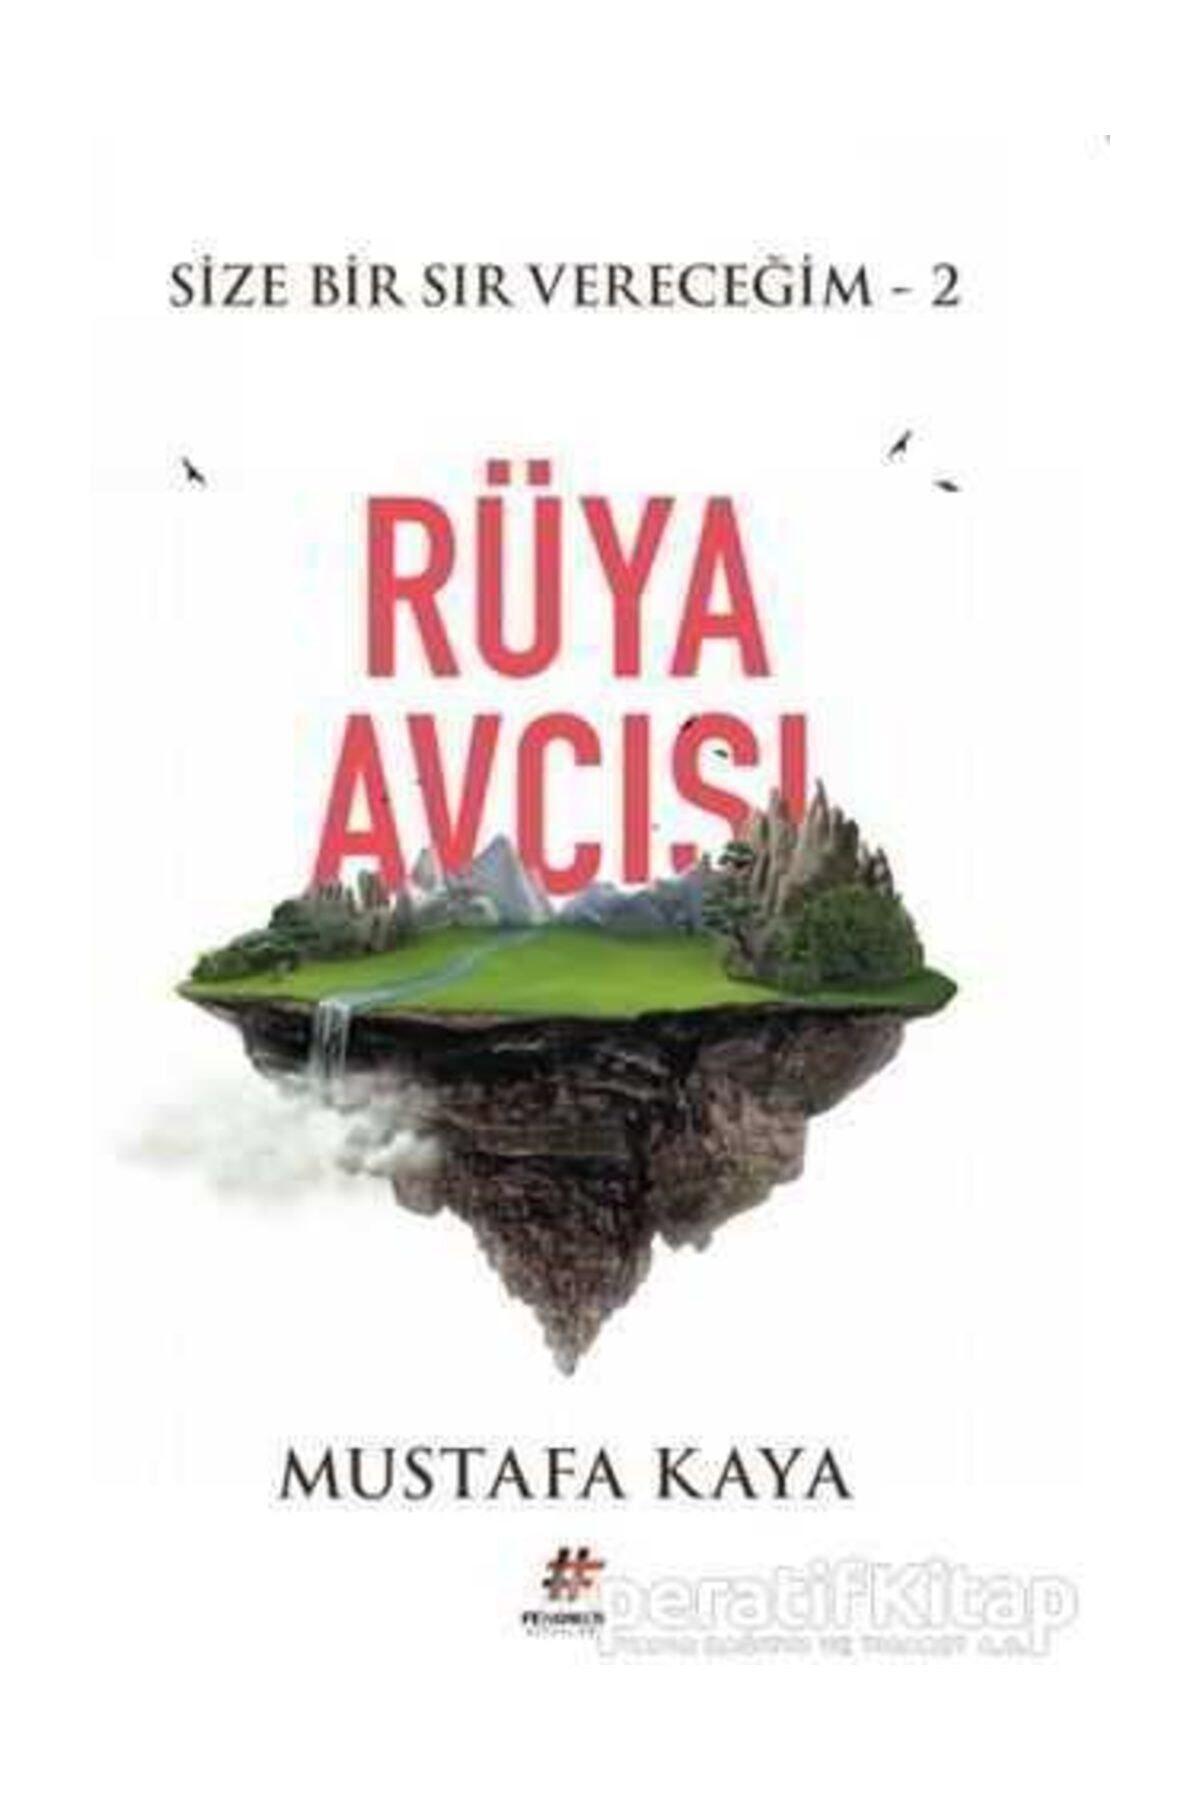 Fenomen Kitap Rüya Avcısı - Size Bir Sır Vereceğim 2 - Mustafa Kaya - 1